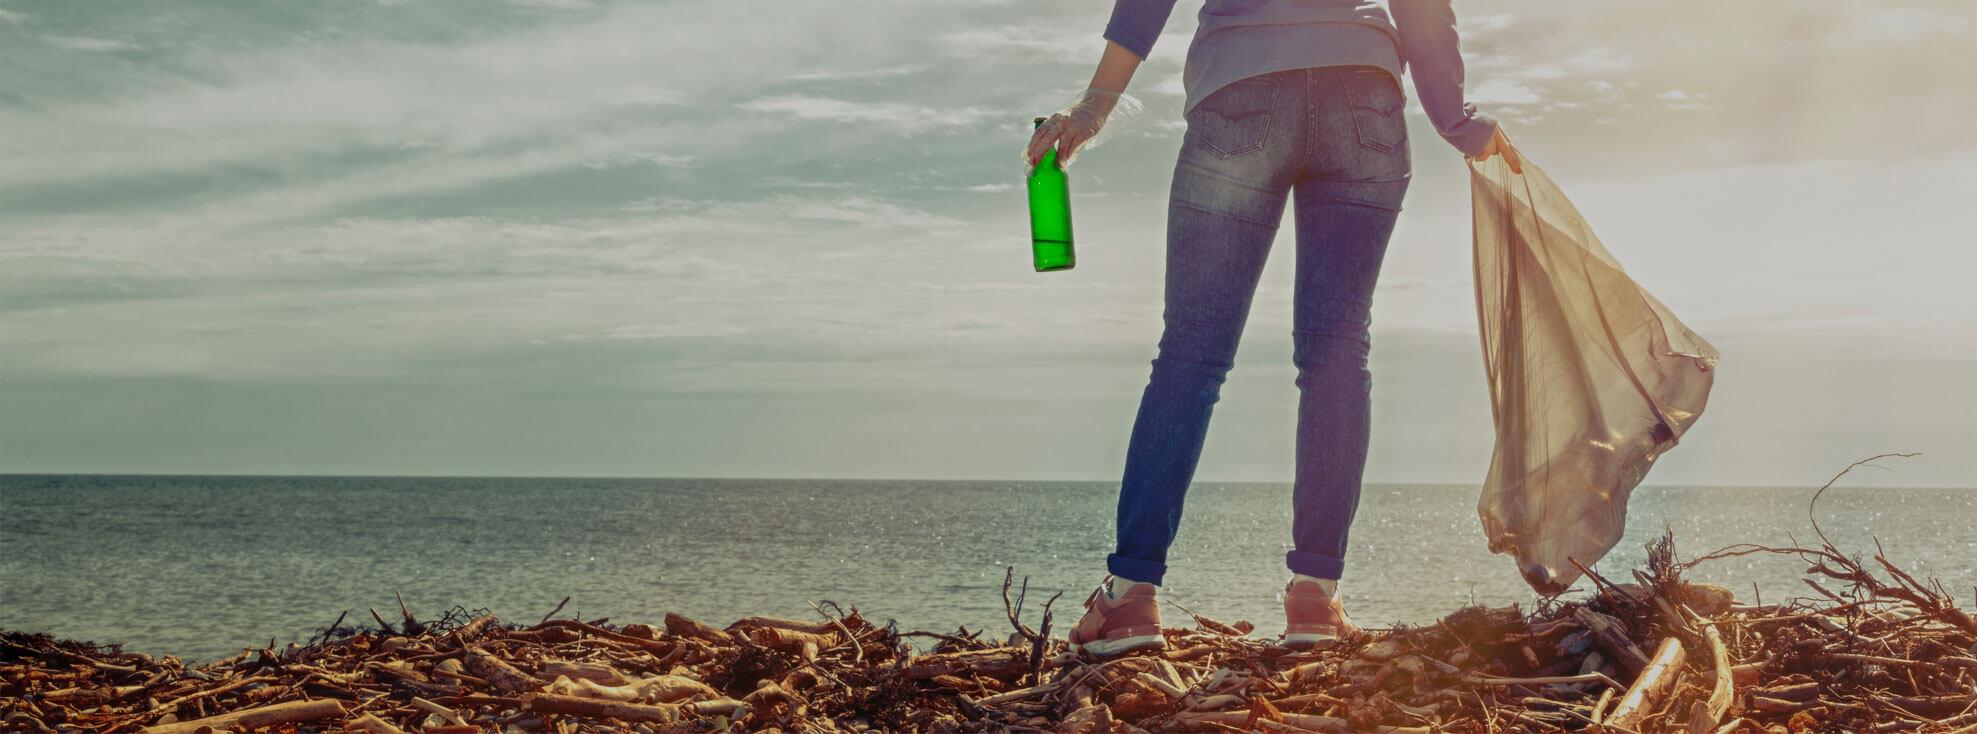 Aide au nettoyage des océans